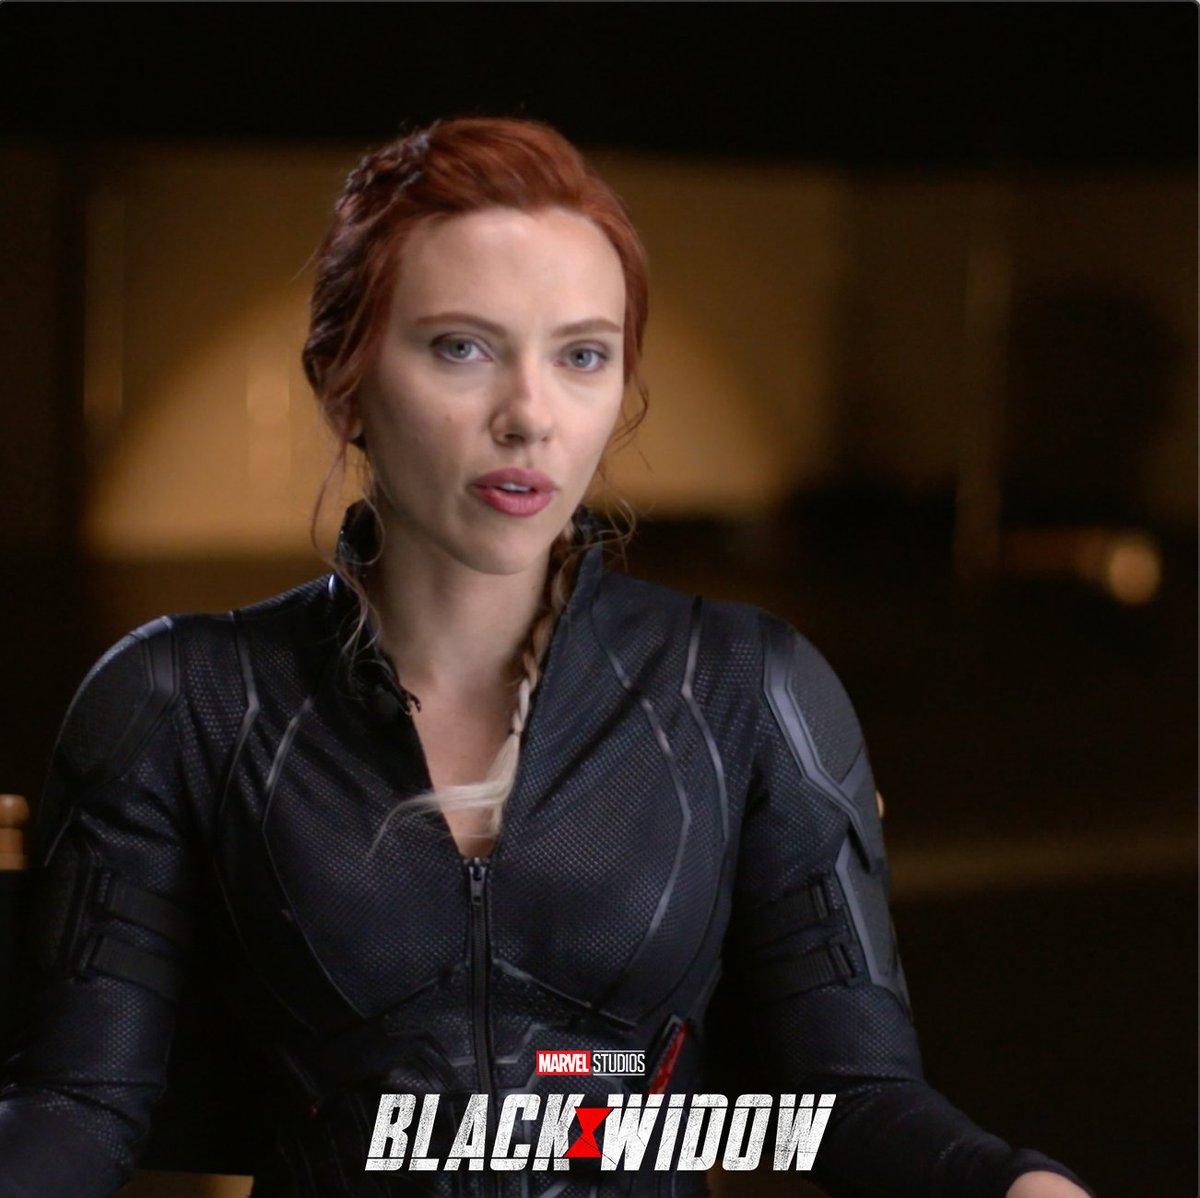 Mama black widow movie, vga porn movies